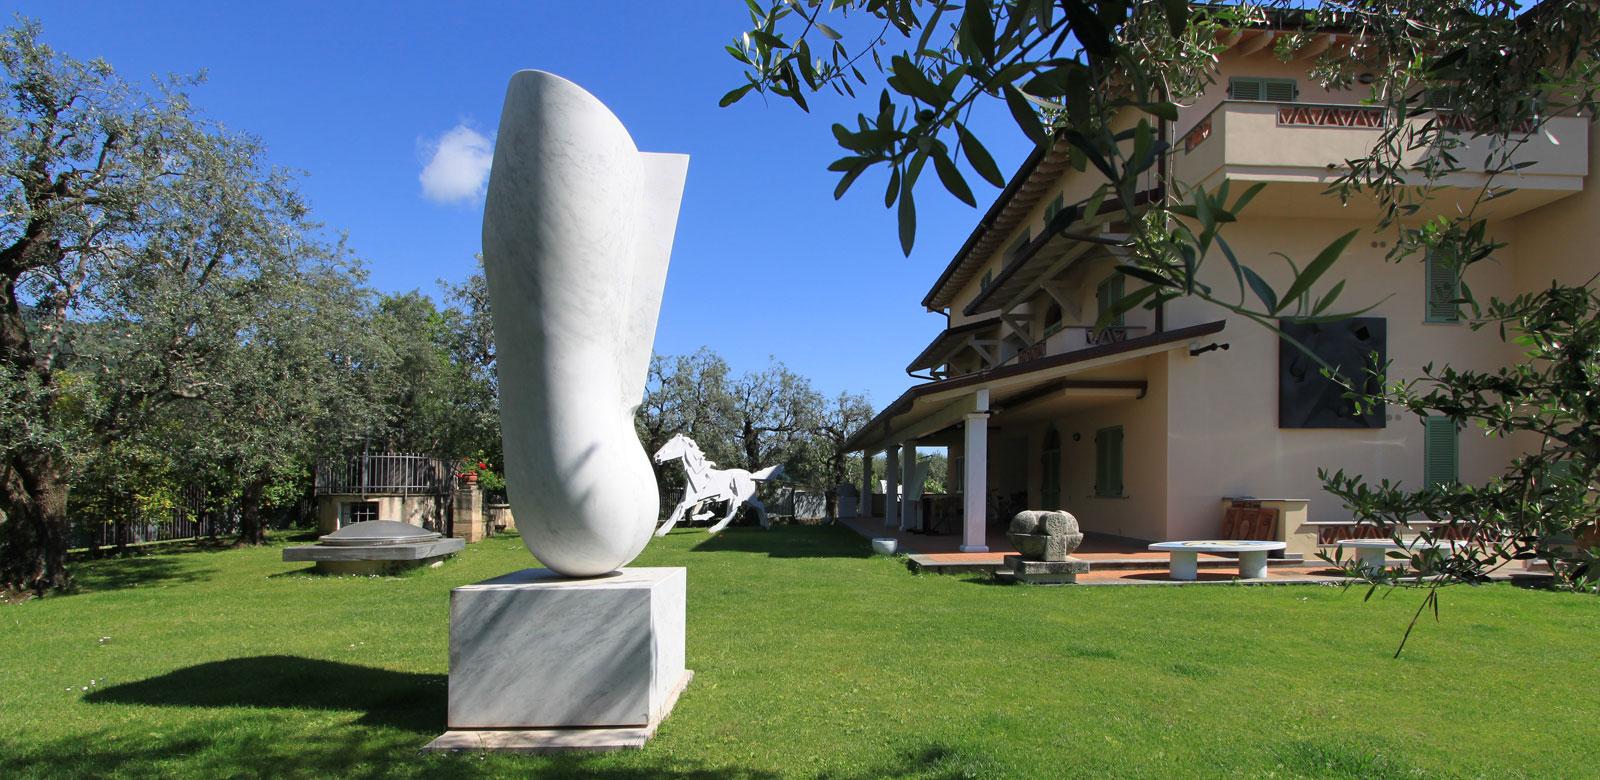 Home giorgio angeli studio di scultura d 39 arte in marmo e - Arte e giardino ...